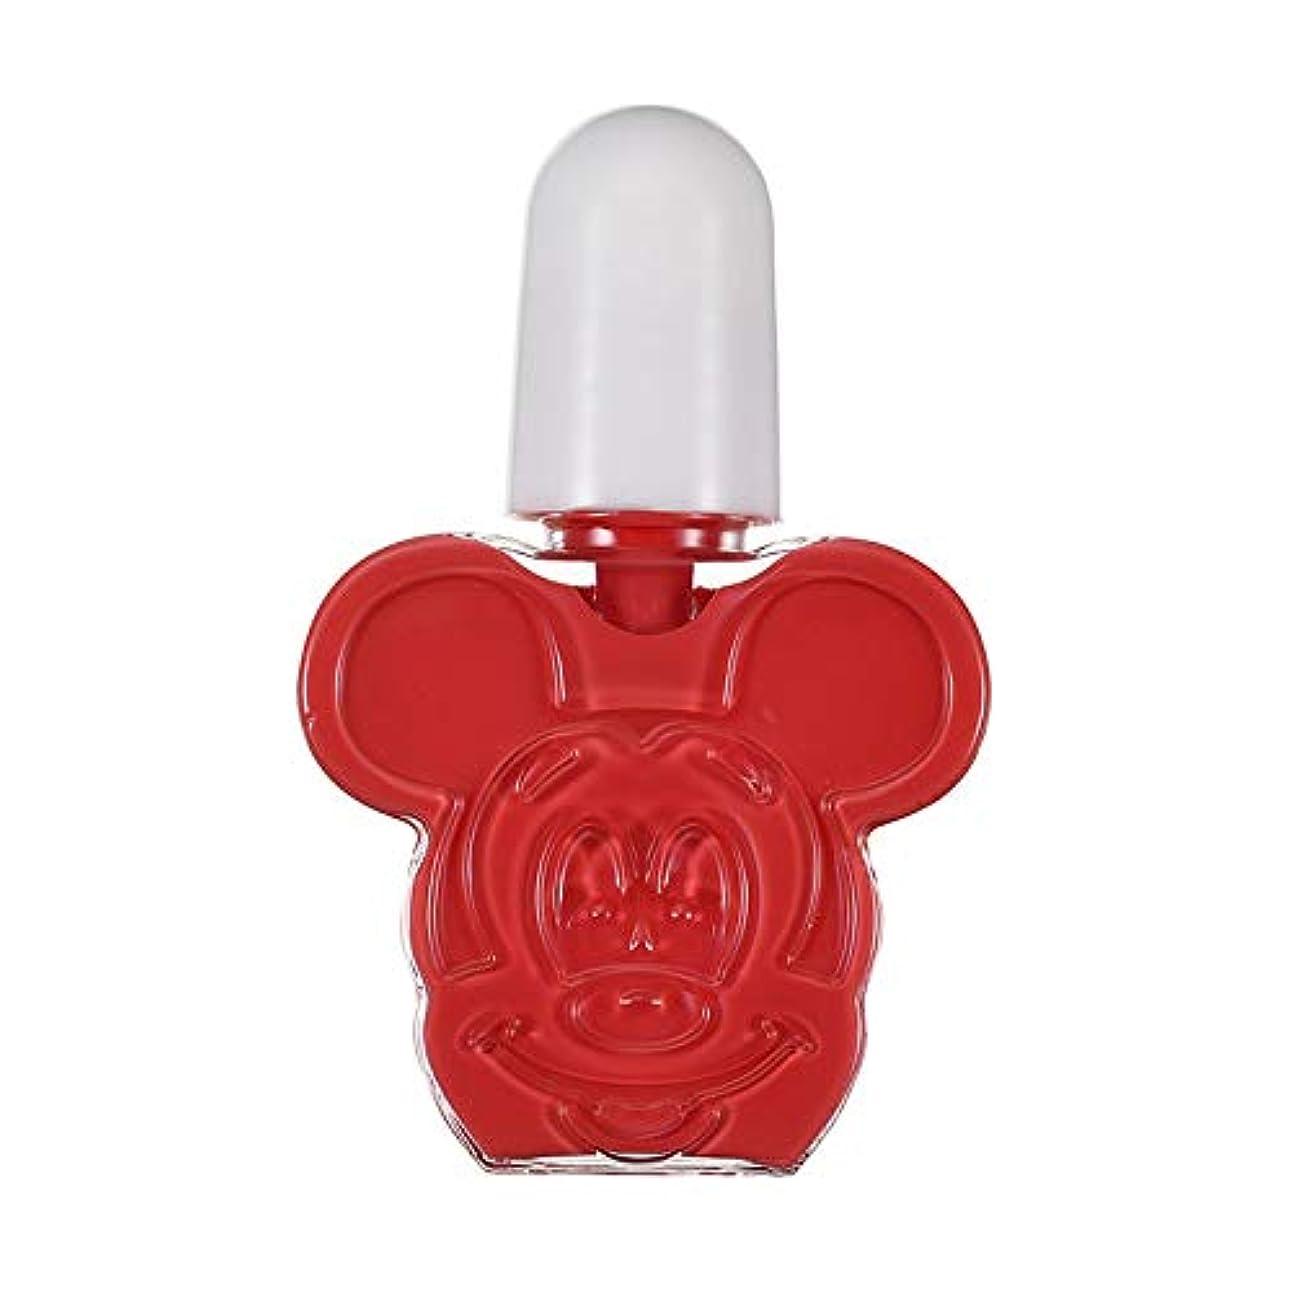 飢え記念日先生ディズニーストア(公式)ネイルカラー ピールオフ ミッキー レッド Gummy Candy Cosme